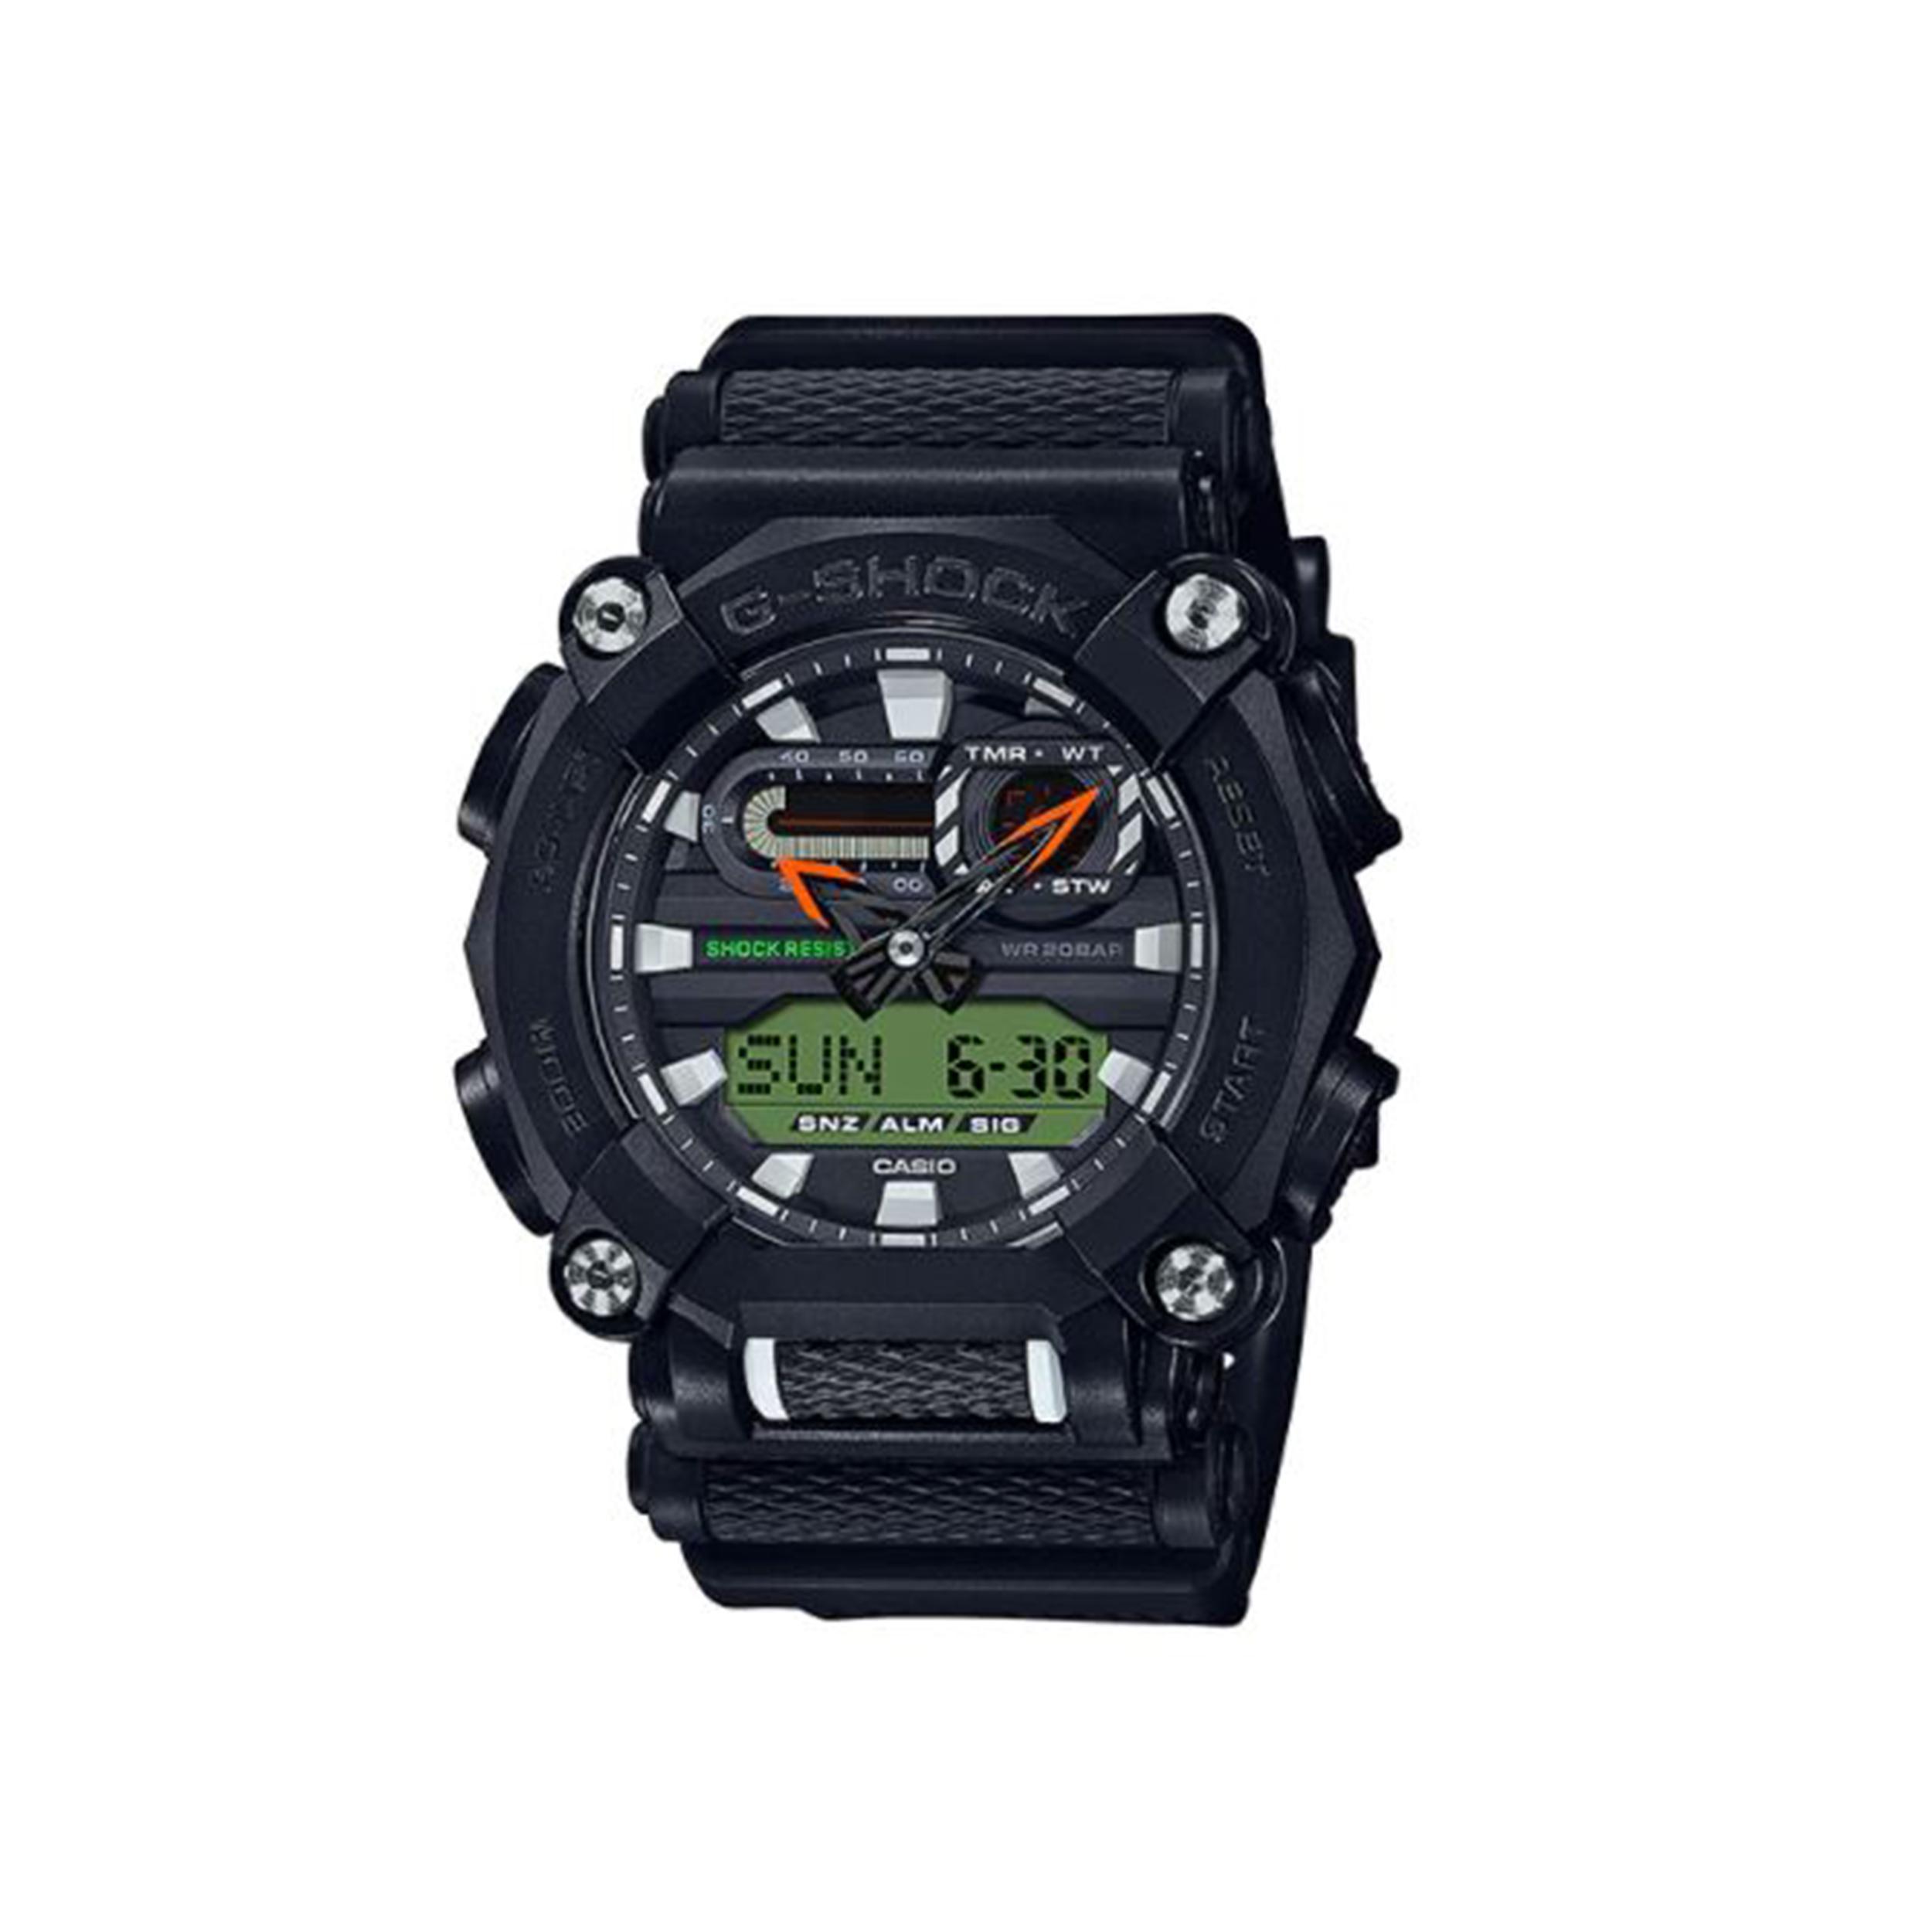 ساعت مچی عقربه ای کاسیو مدل GA-900E-1A3DR